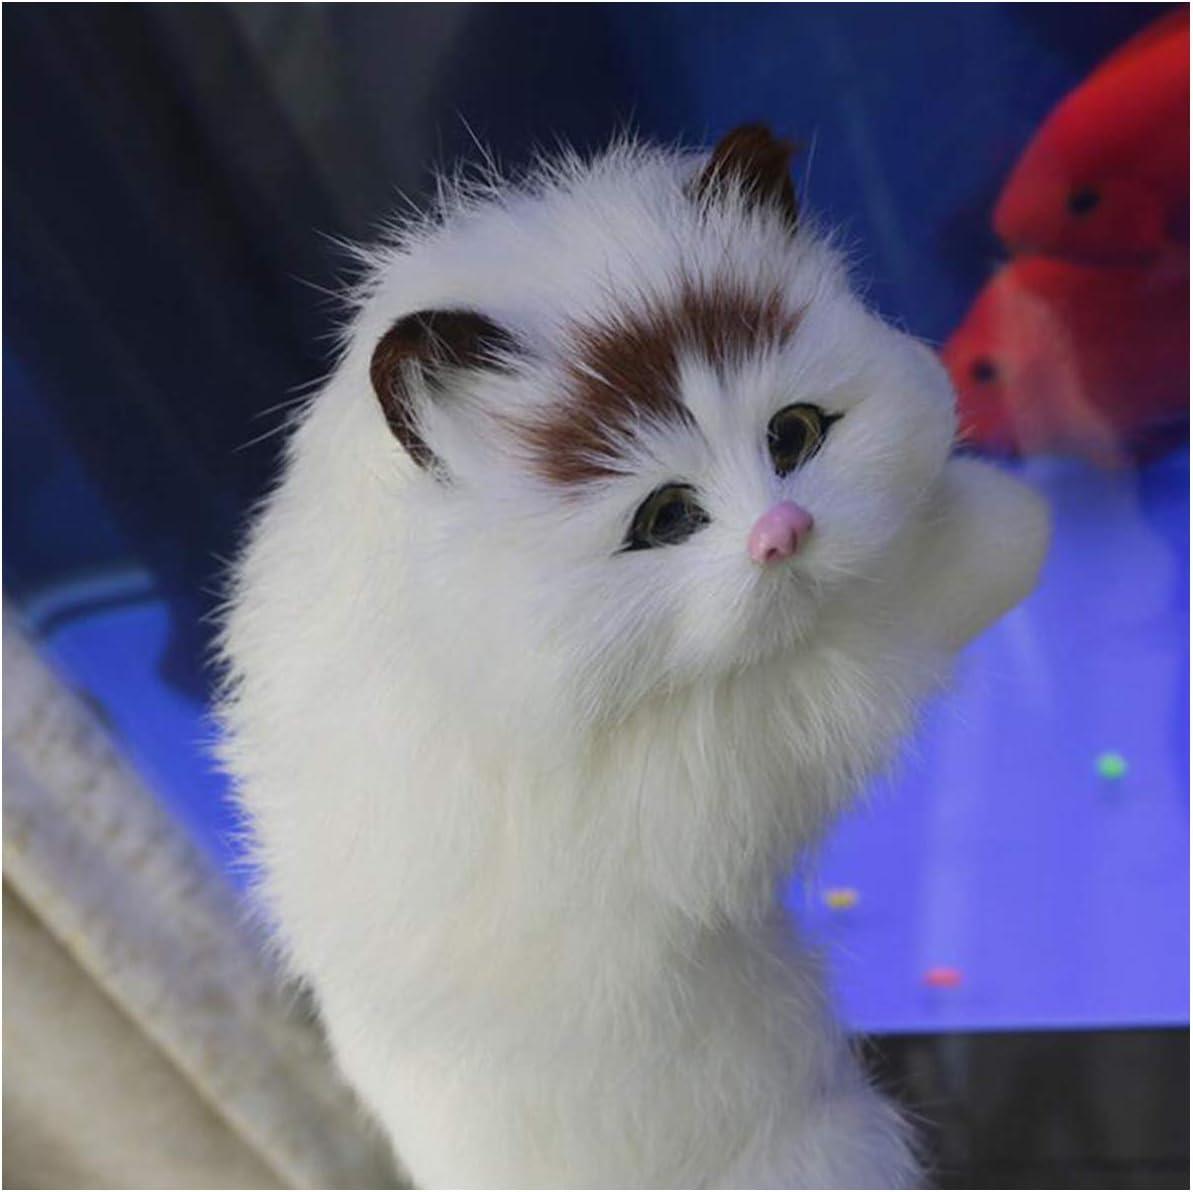 Juguete Modelo de Gato simulado - Figura de Juguete de Gatito de Peluche Realista - Modelo Animal de Felpa Realista - para Adornos de decoración del hogar Niños Navidad o Regalo de cumpleaños Juguete